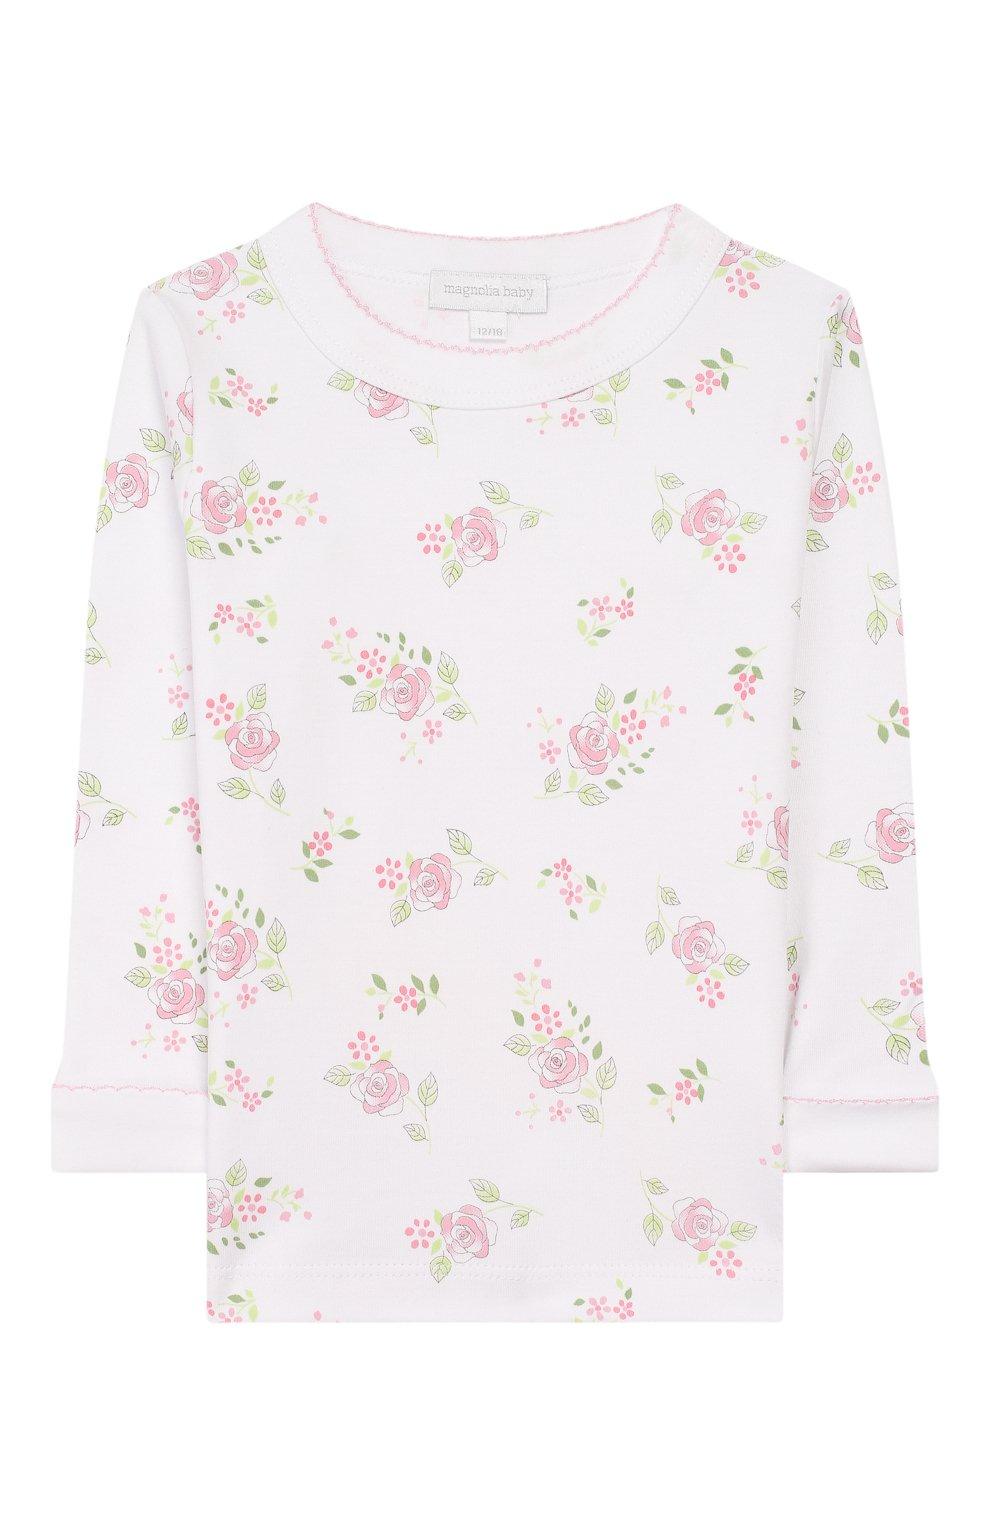 Детский пижама hope's roses essentials MAGNOLIA BABY розового цвета, арт. E105-LP-PK   Фото 2 (Рукава: Длинные; Материал внешний: Хлопок)